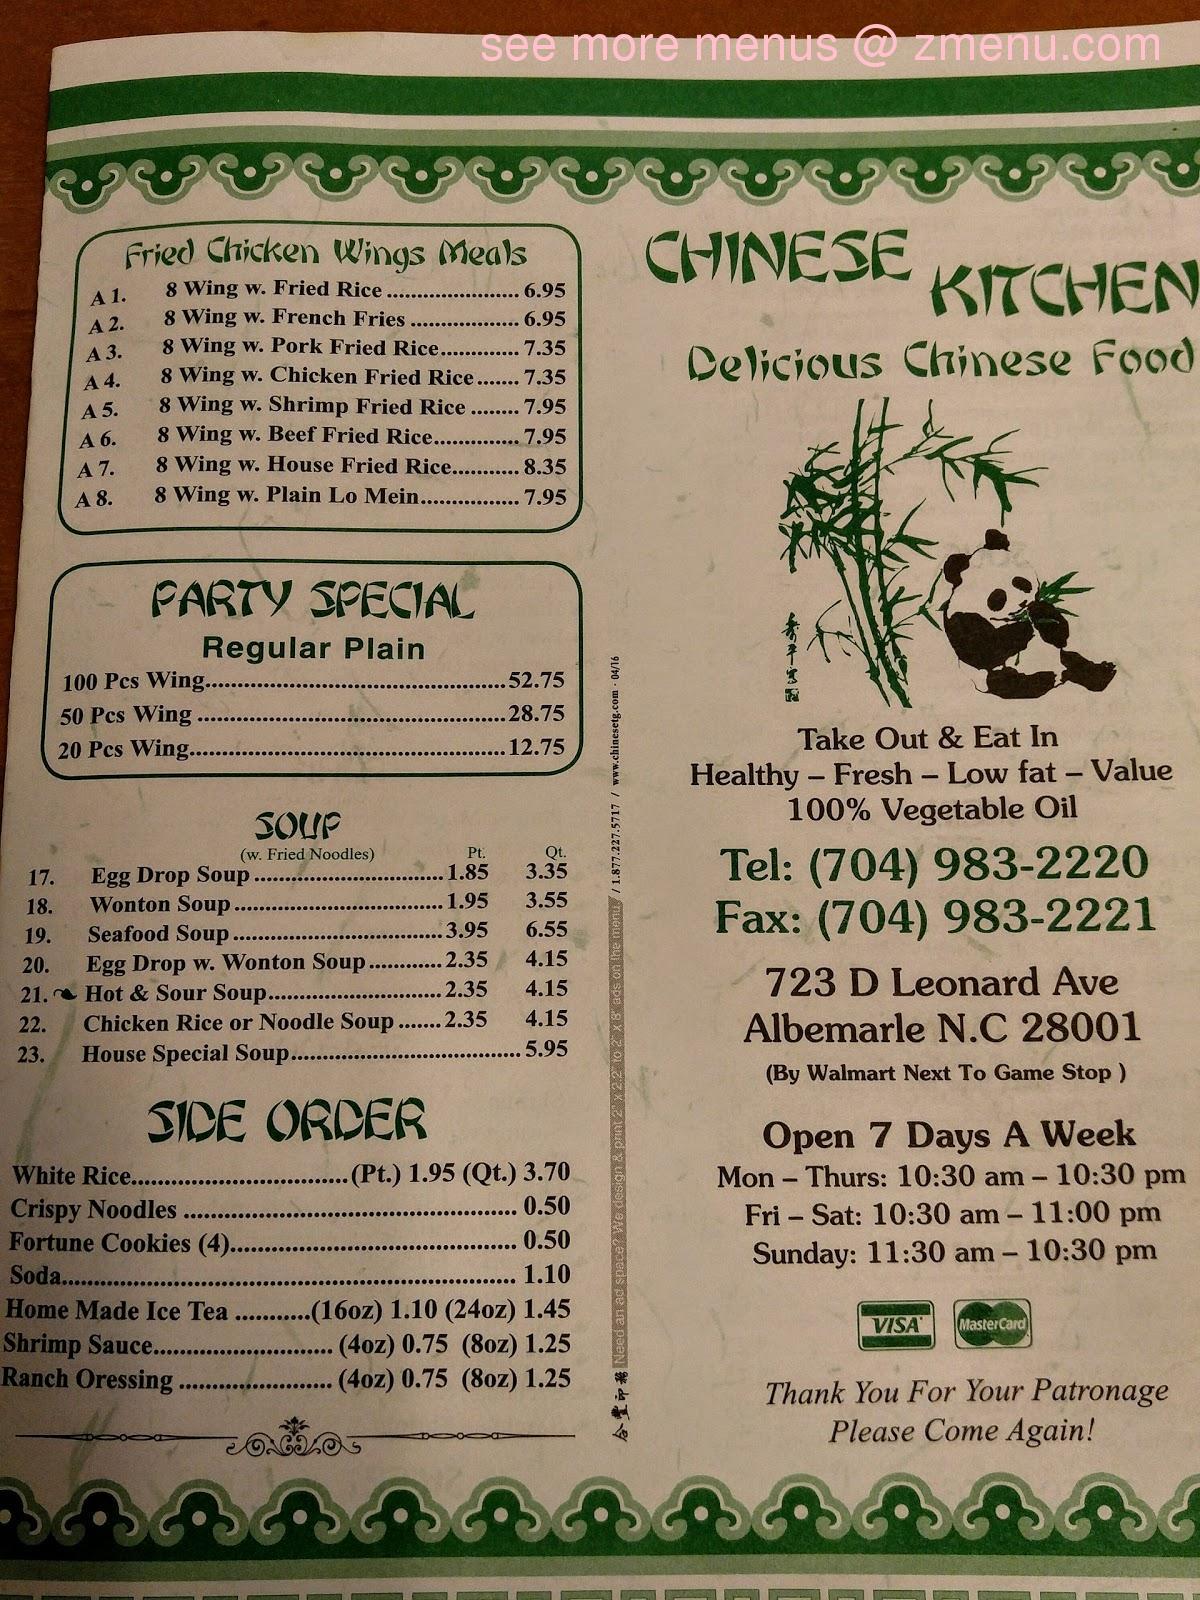 Online Menu Of Chinese Kitchen Restaurant Albemarle North